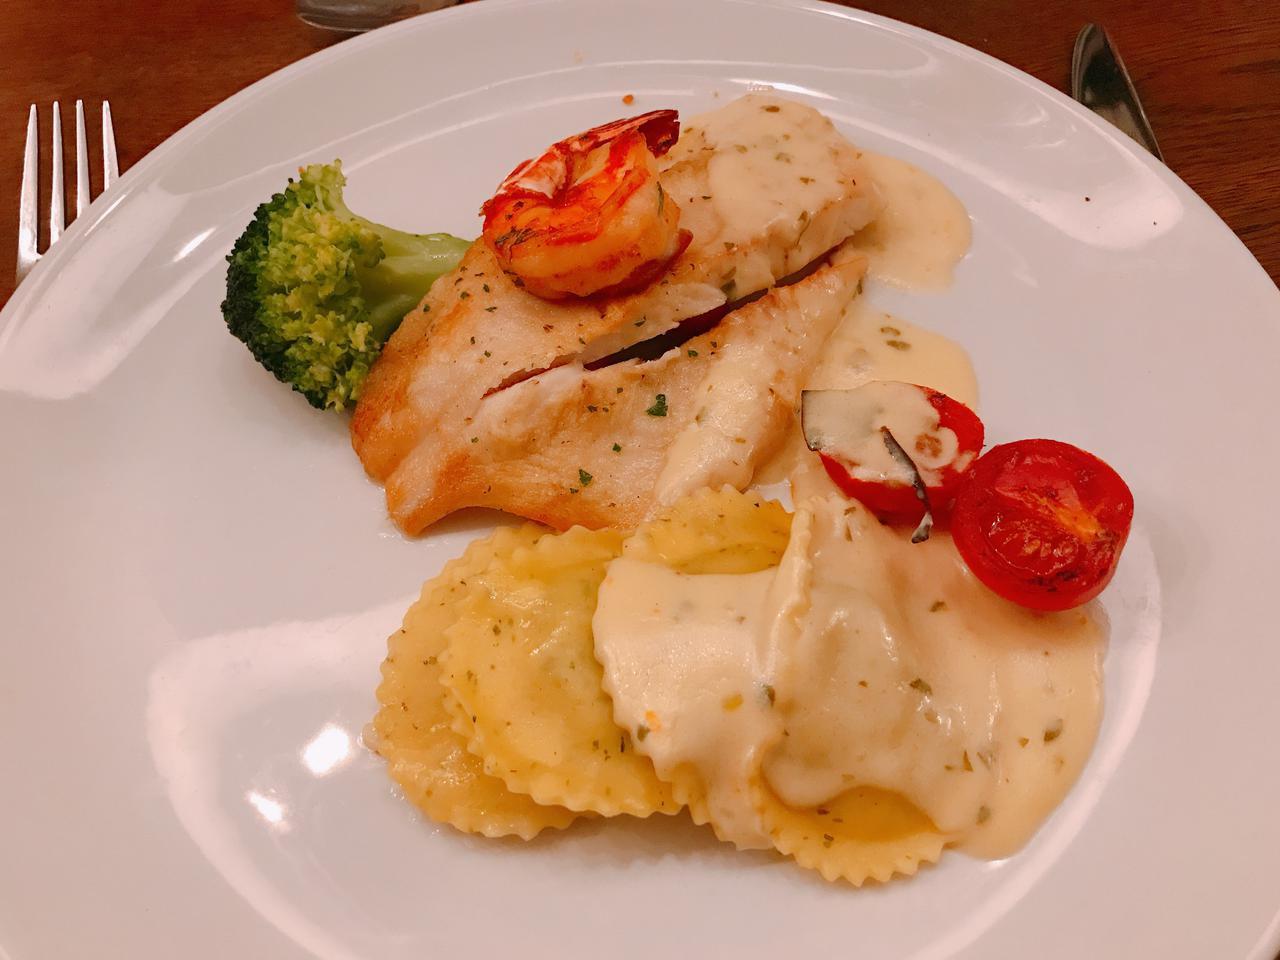 画像: 夕食のメイン料理・魚(弊社スタッフ撮影)